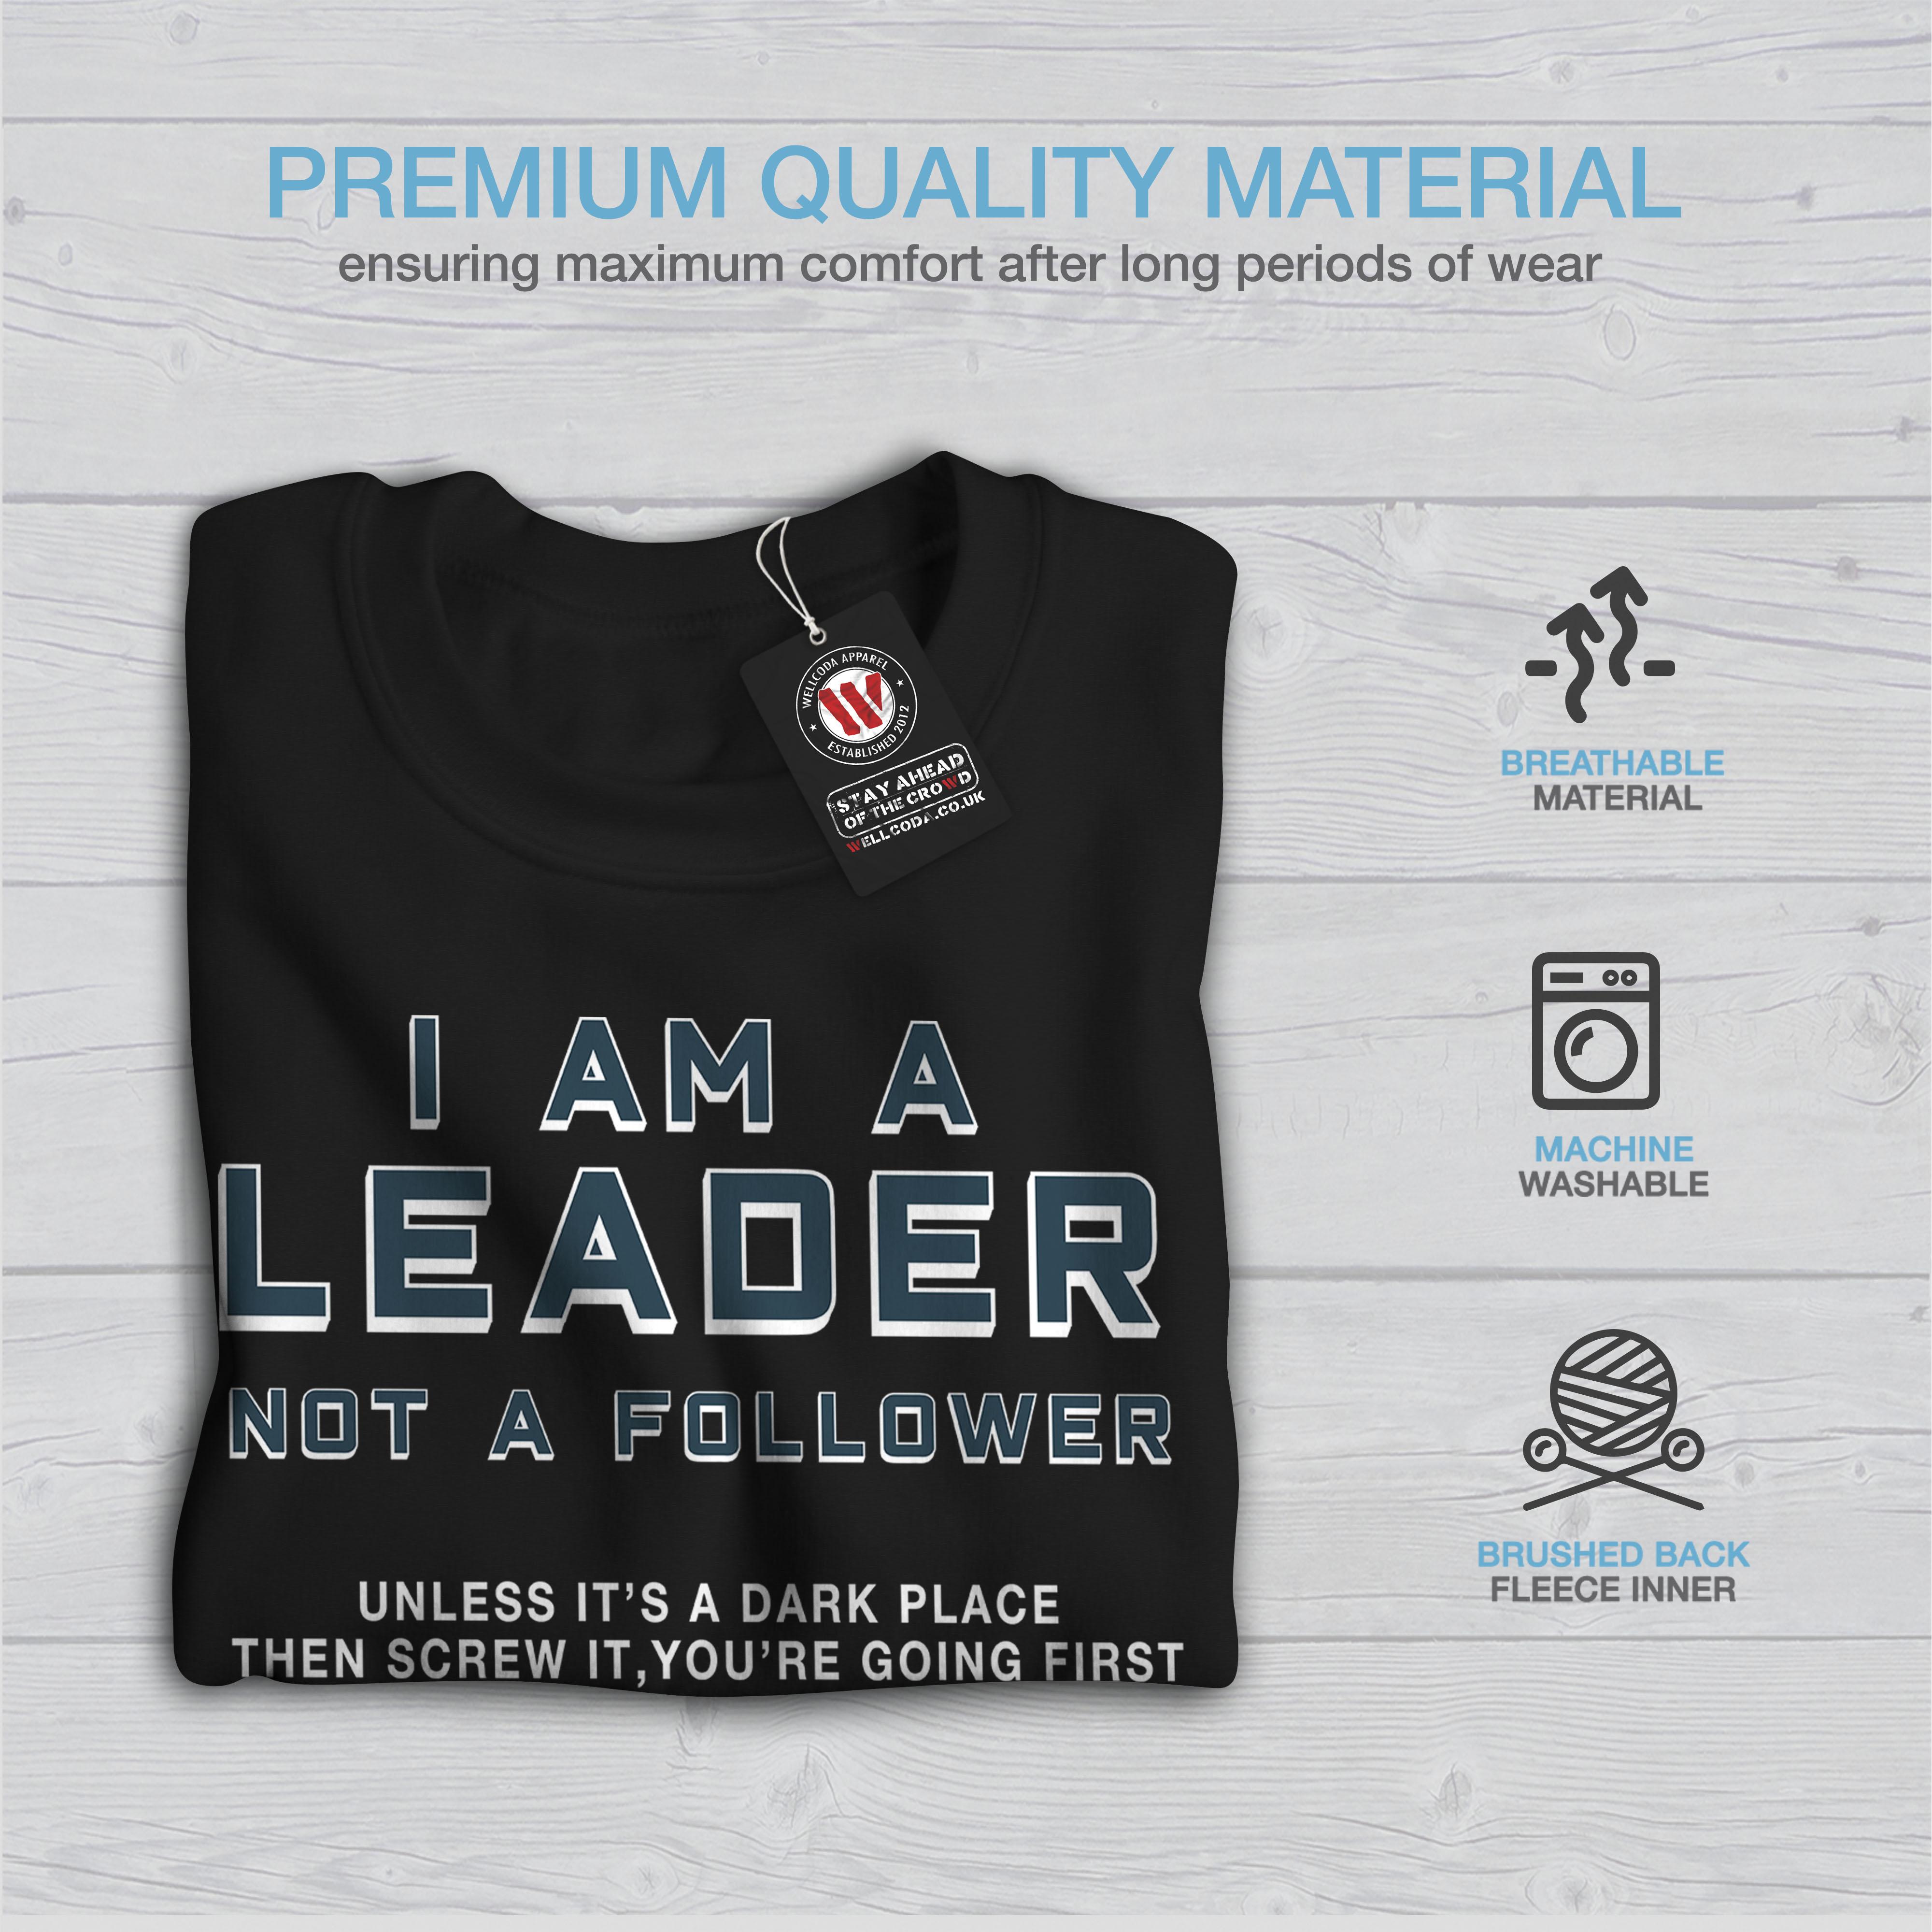 Leader pullover Funny nero Mens Wellcoda Sweatshirt casual scuro pullover Scared dpw18g